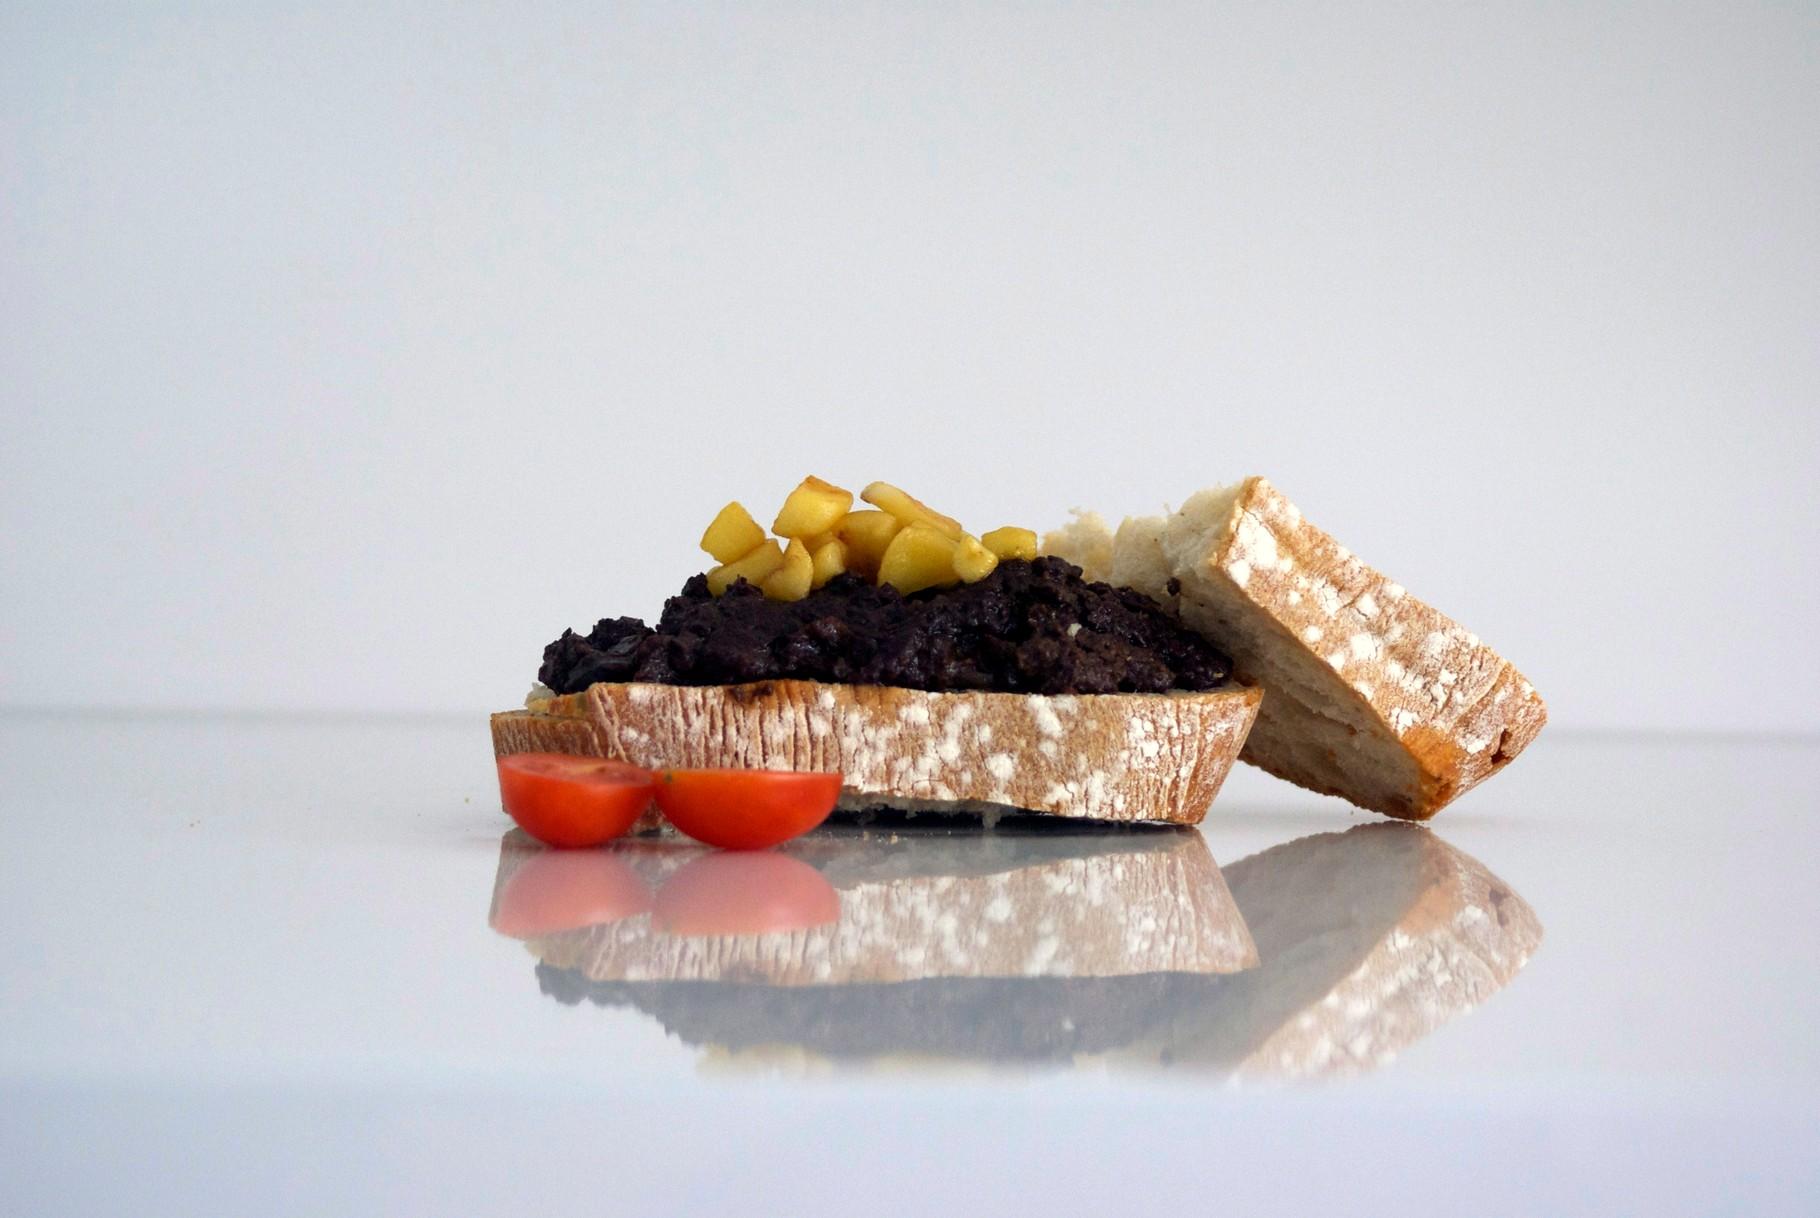 Tostada con Morcilla de León con manzana caramelizada